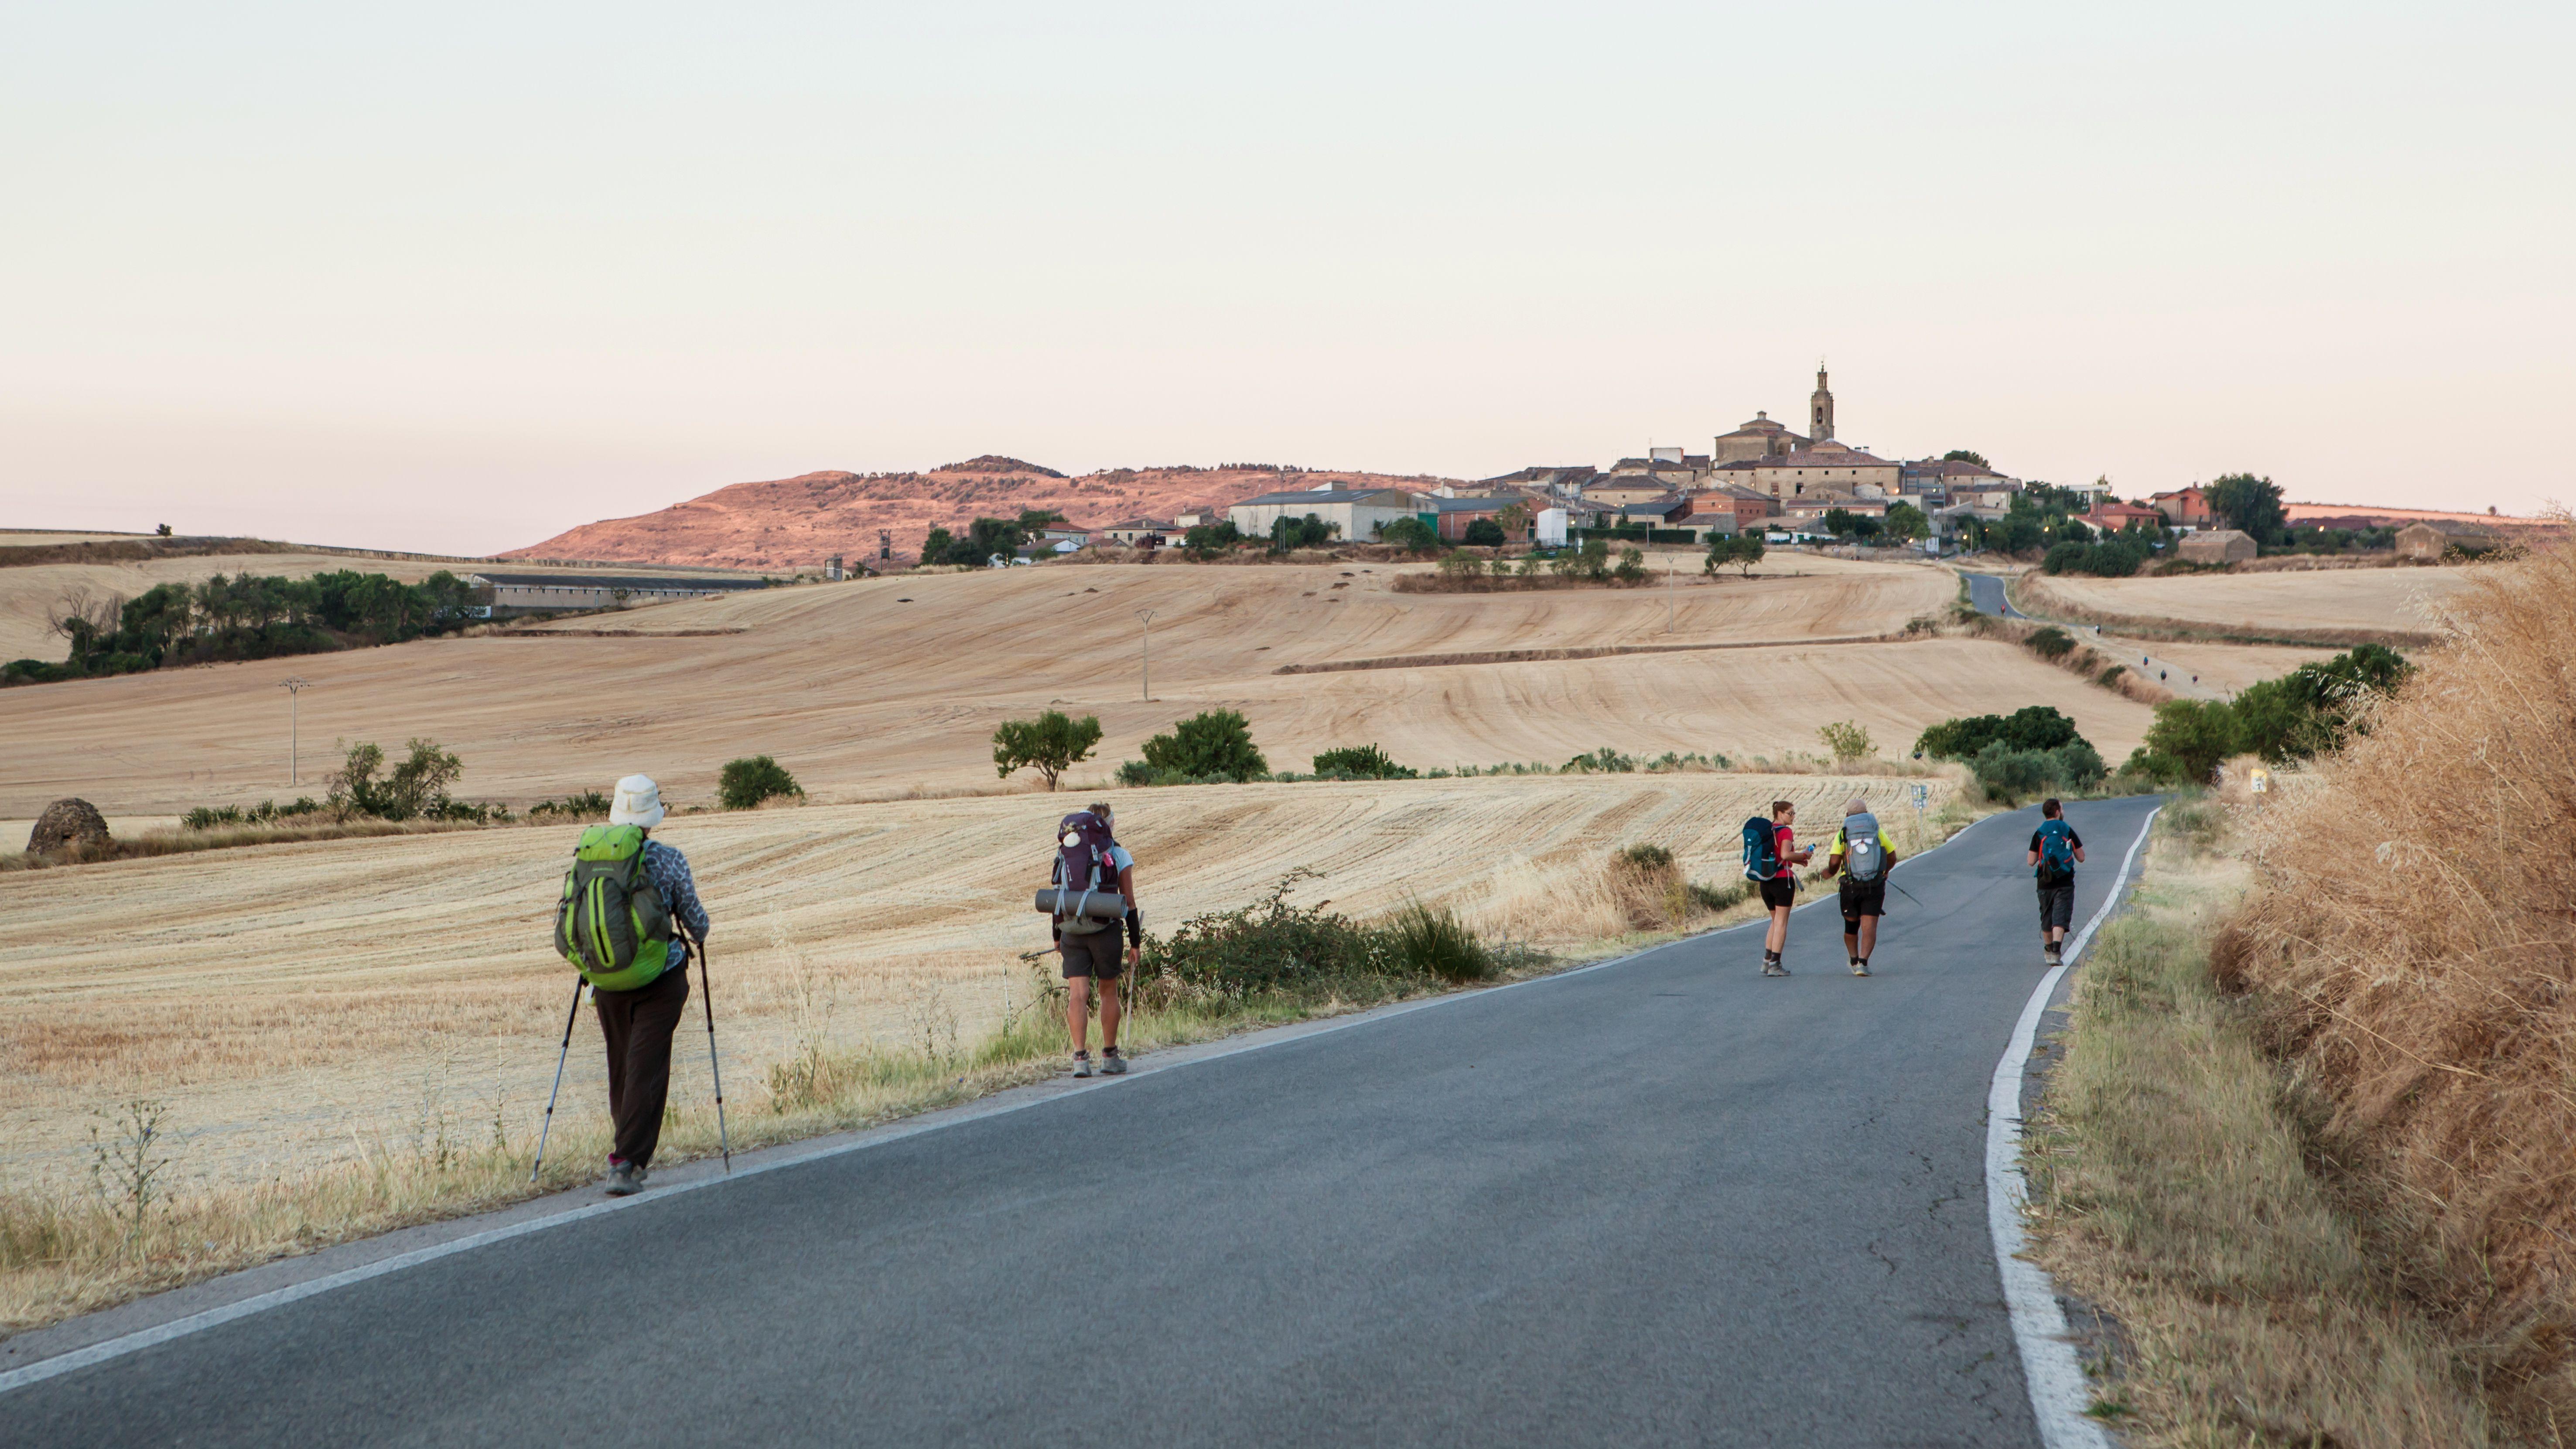 People walking the Way of St. James, Camino de Santiago, Spain Hikers walking the ,Camino de Santiago Walk, Spain